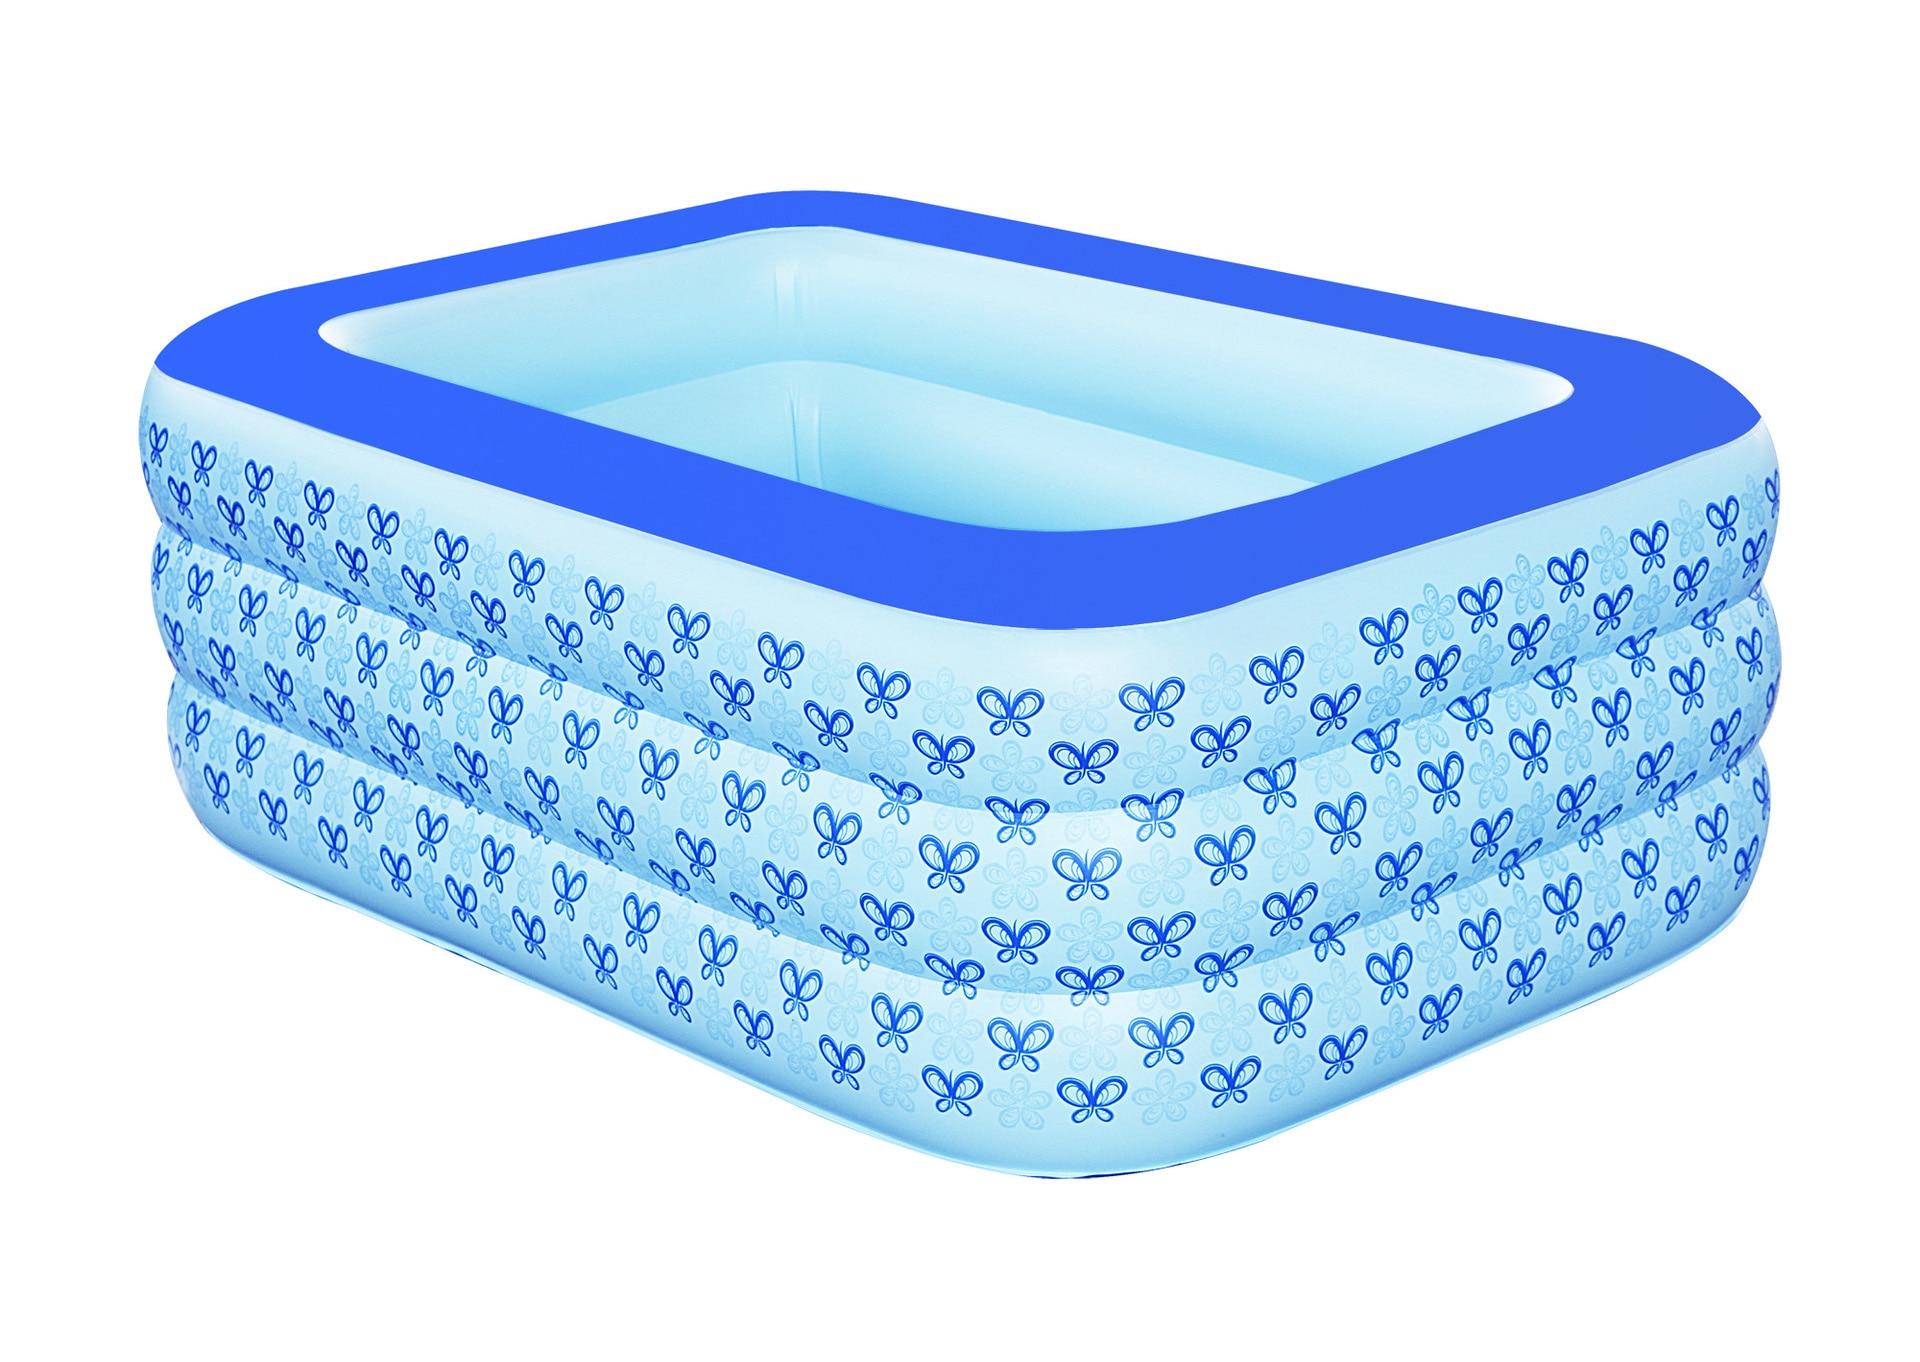 Nuova famiglia vasca gonfiabile isolamento ispessimento bambino piscina bagno lavabo canna, secchio di plastica pieghevole vasca da bagno barile